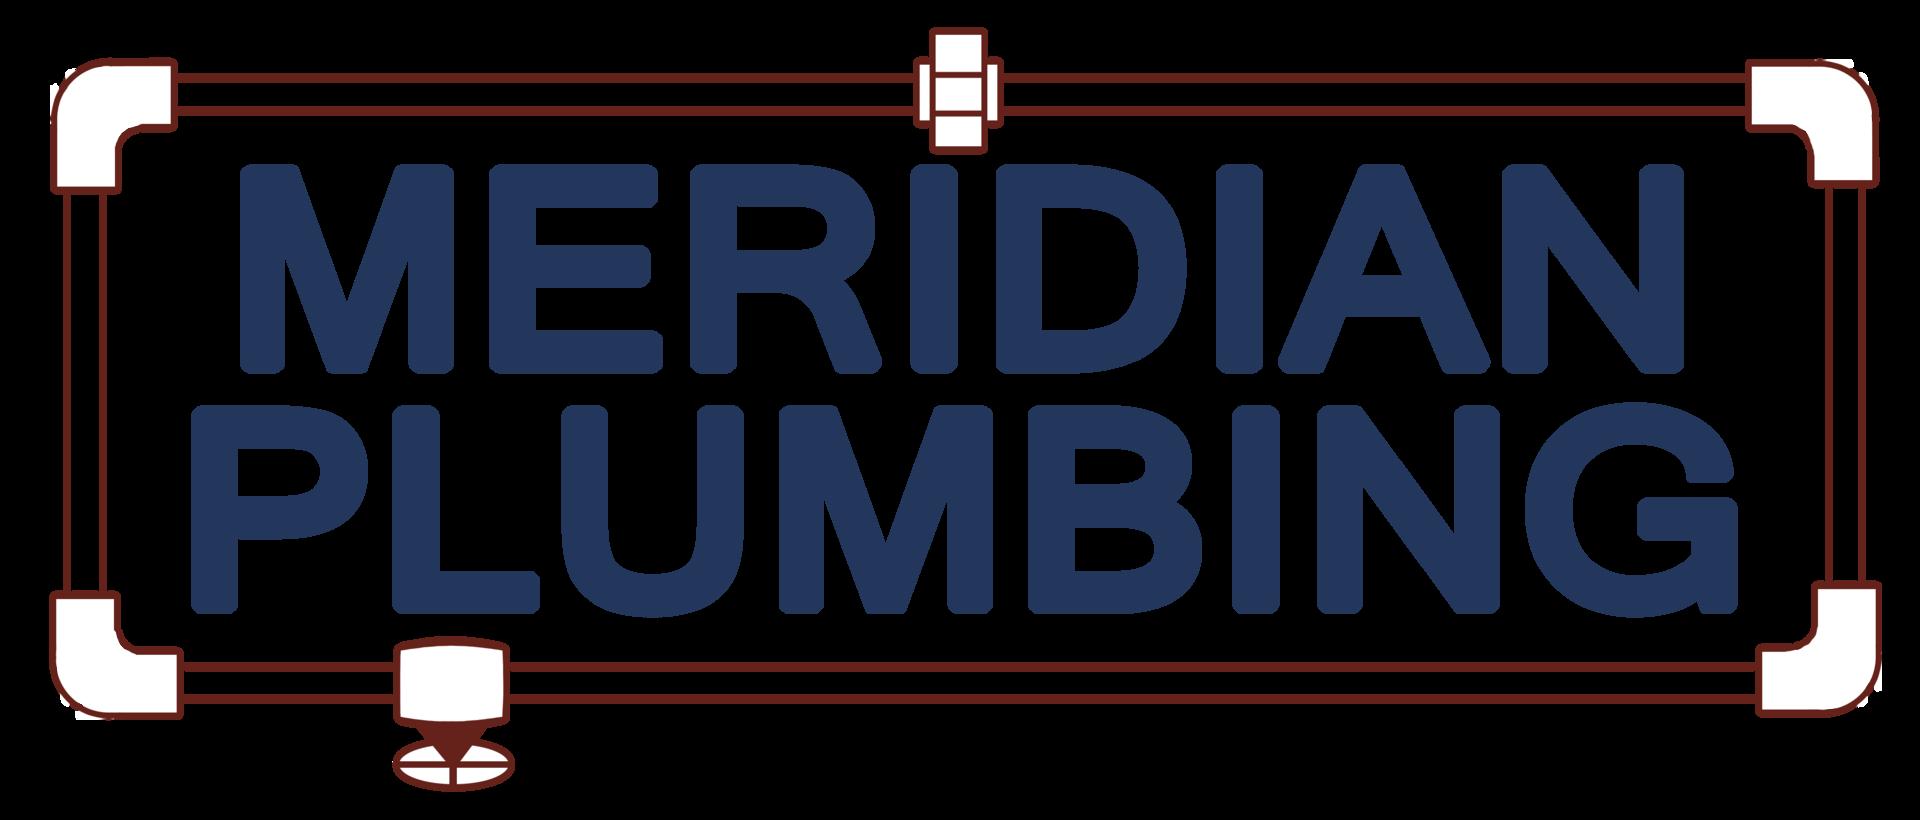 Meridian Plumbing